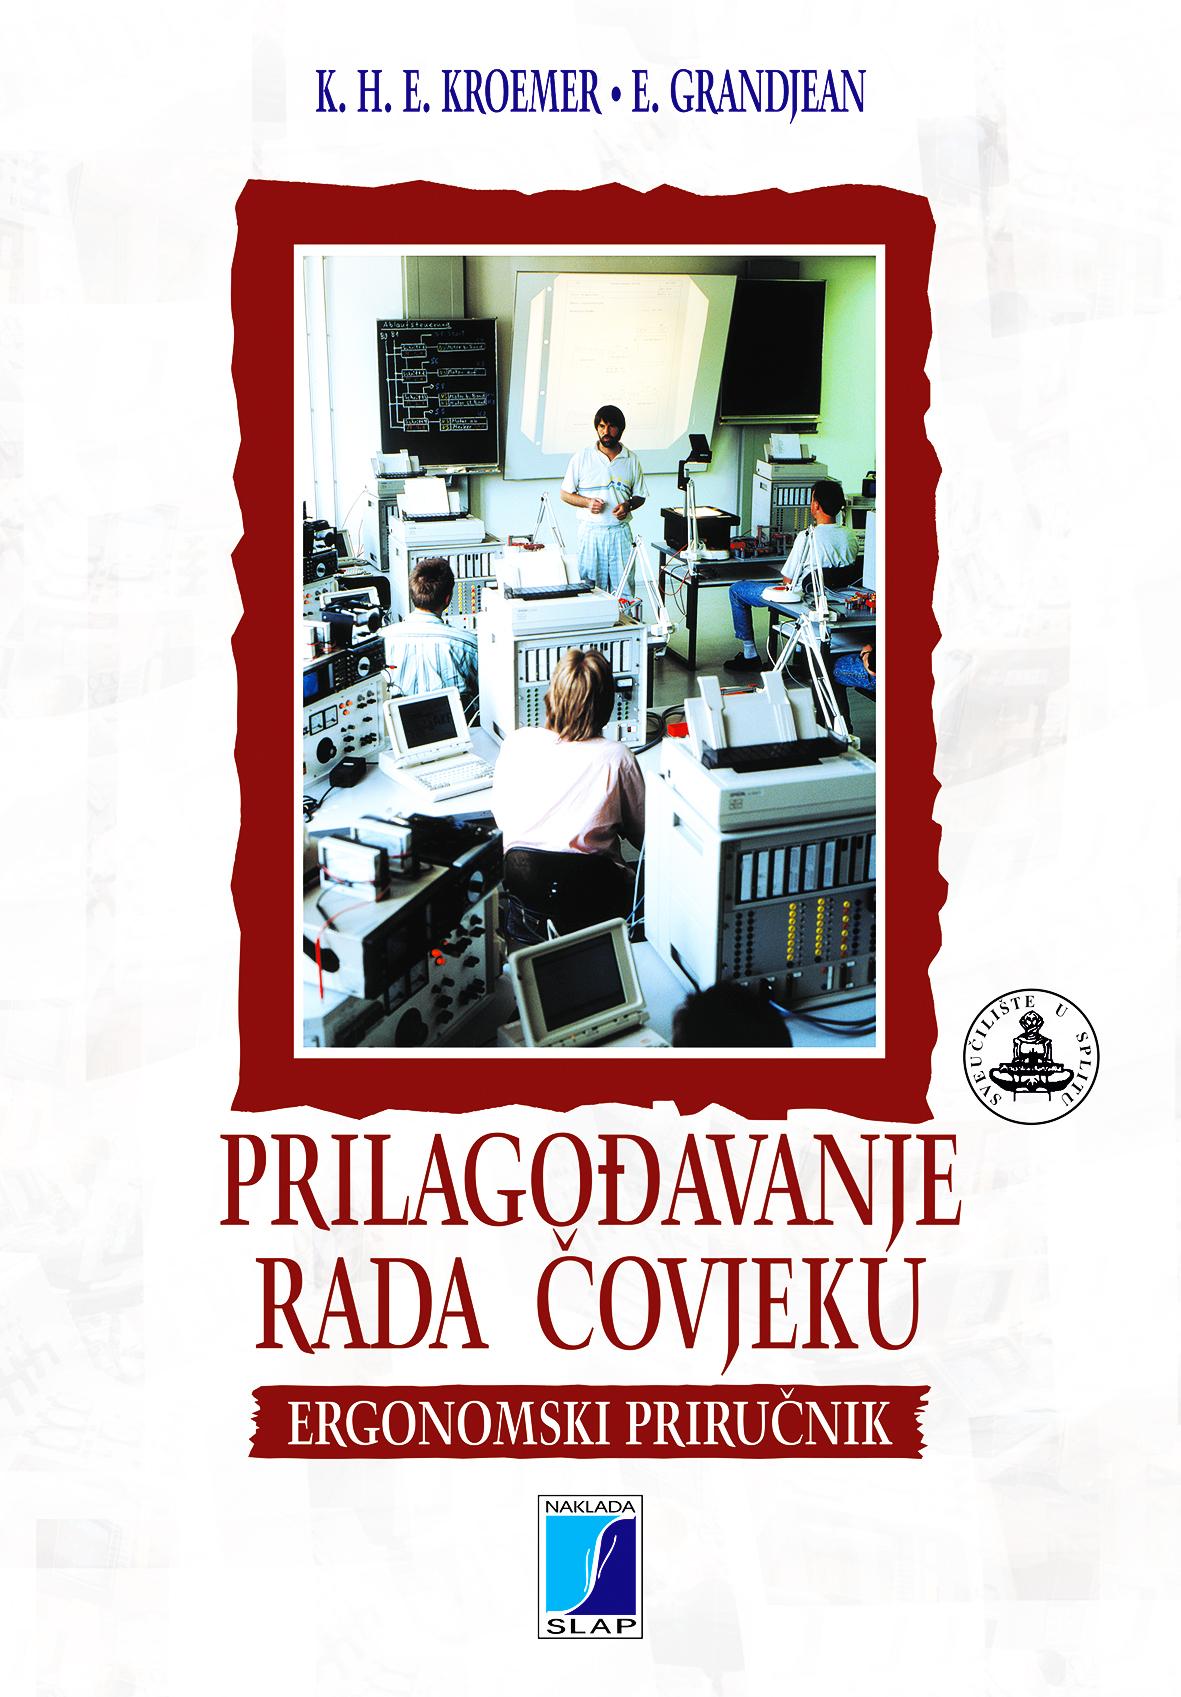 PRILAGOĐAVANJE RADA ČOVJEKU - Naruči svoju knjigu